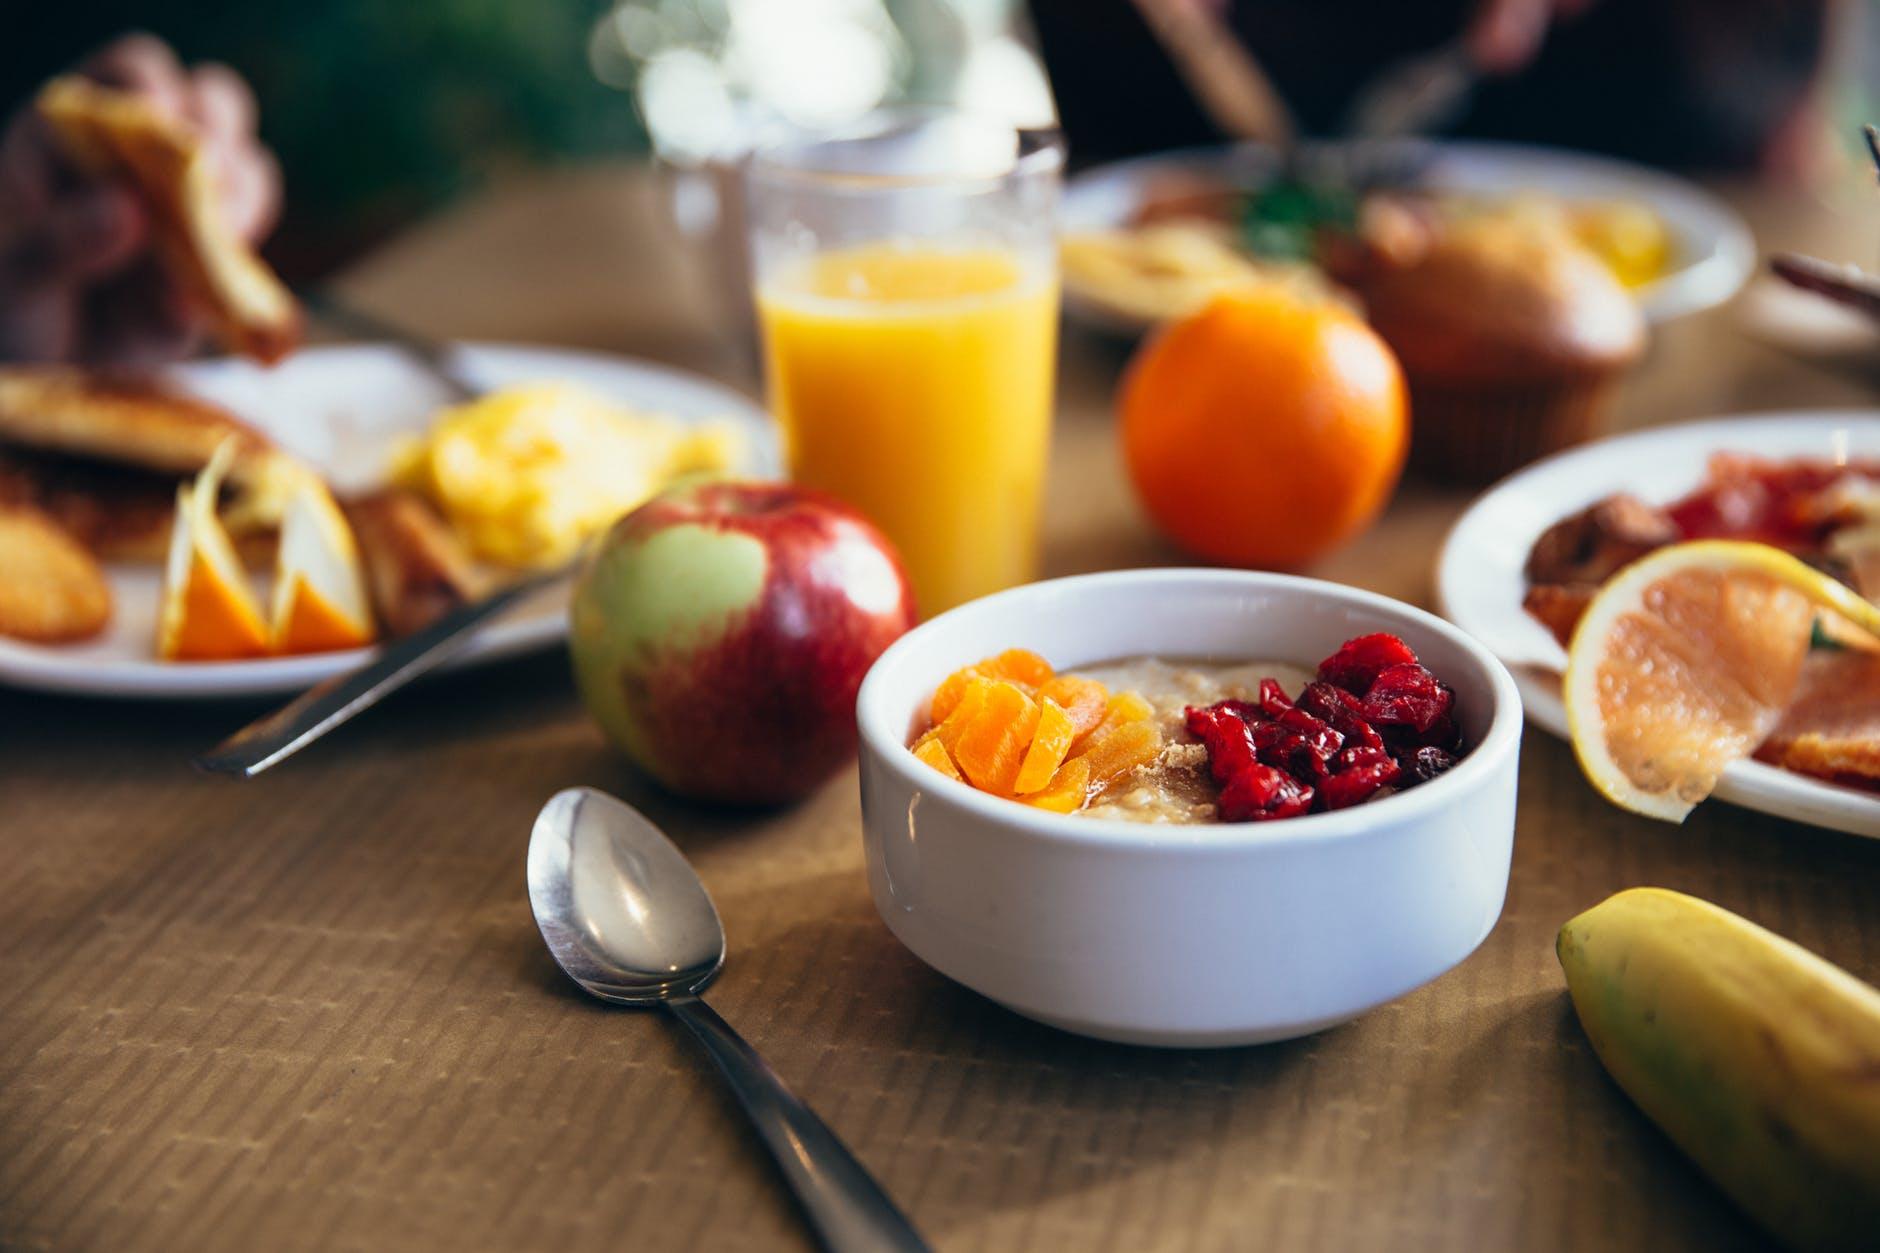 Alimentele pe care trebuie sa le eviti dimineata! Nu le consuma pe stomacul gol